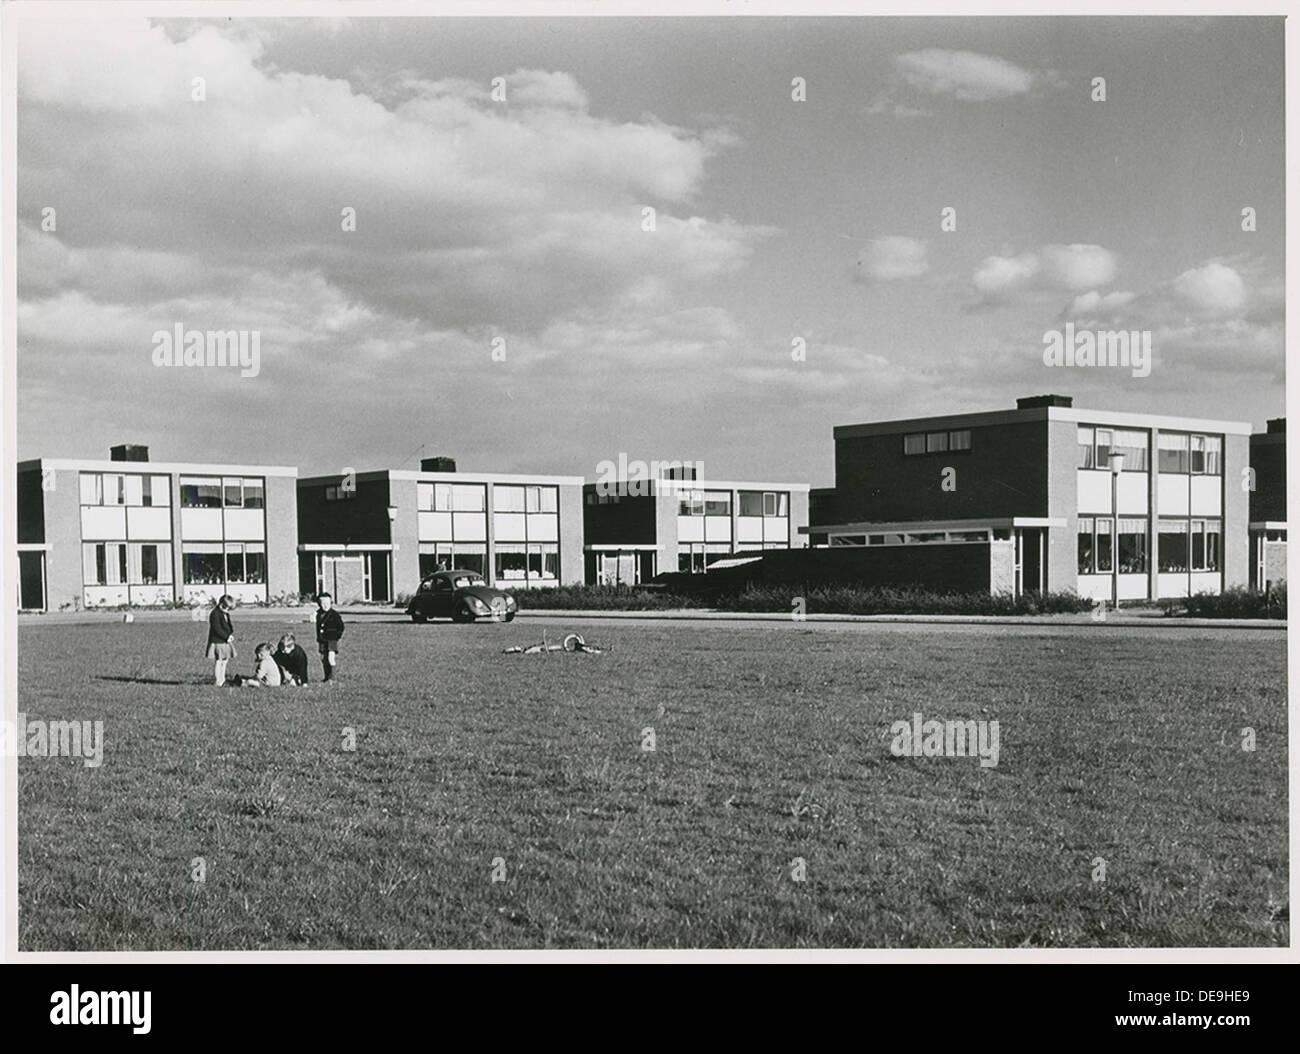 Woningbouw Nagele | Nagele housing - Stock Image